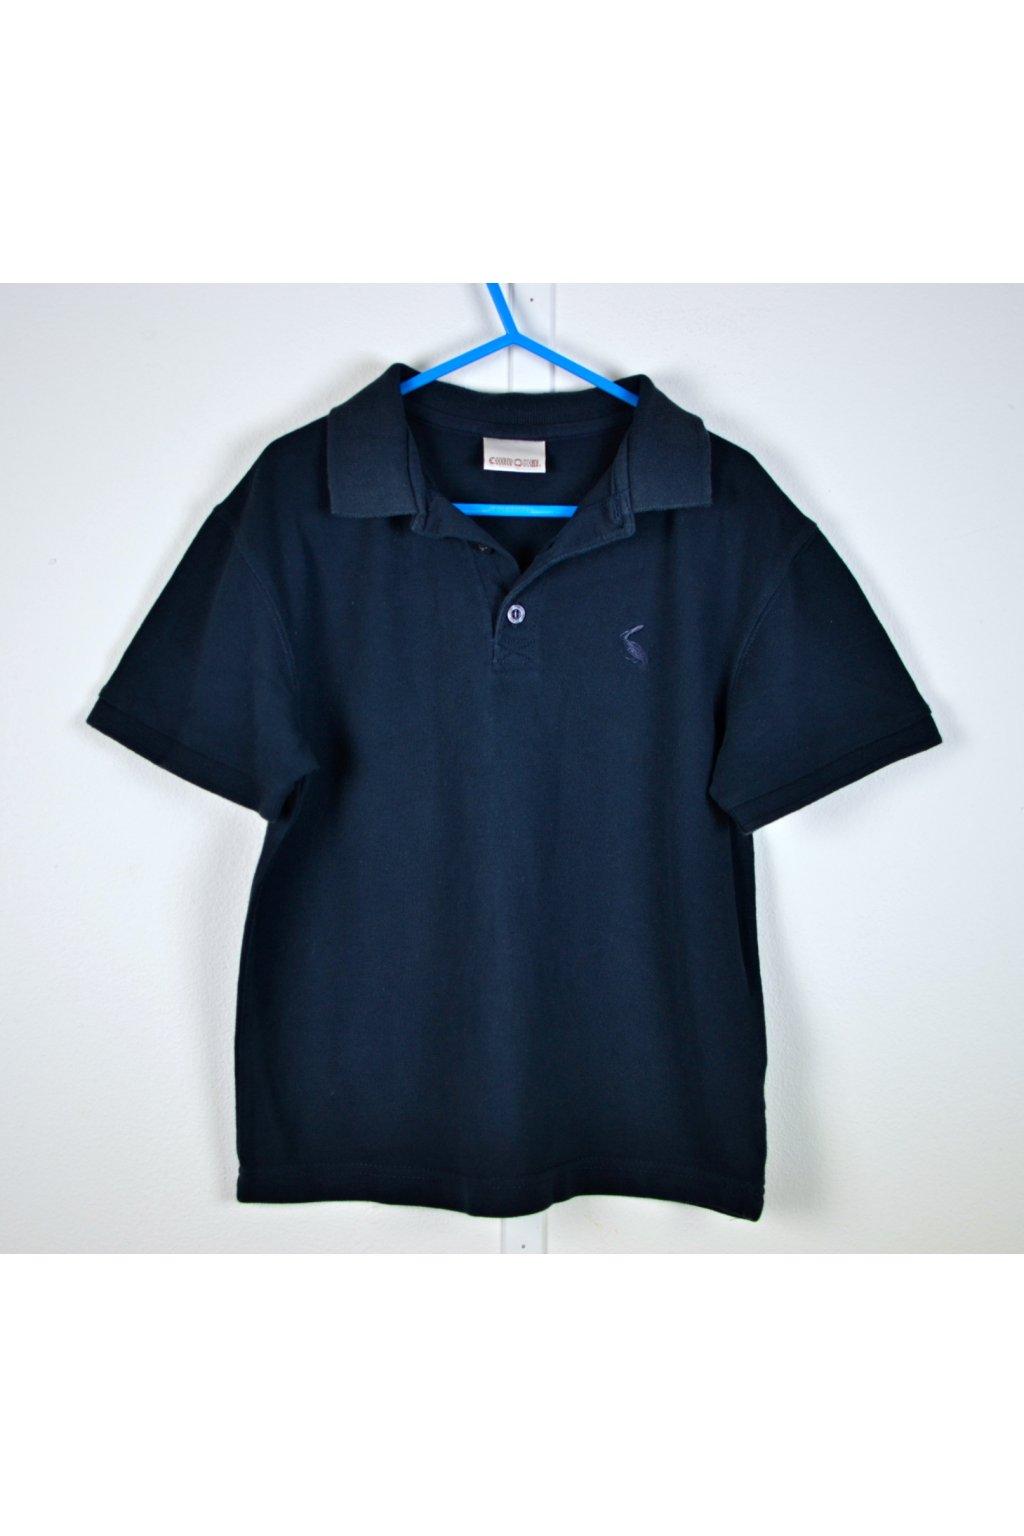 Tričko Cherokee vel 116 s límečkem modré